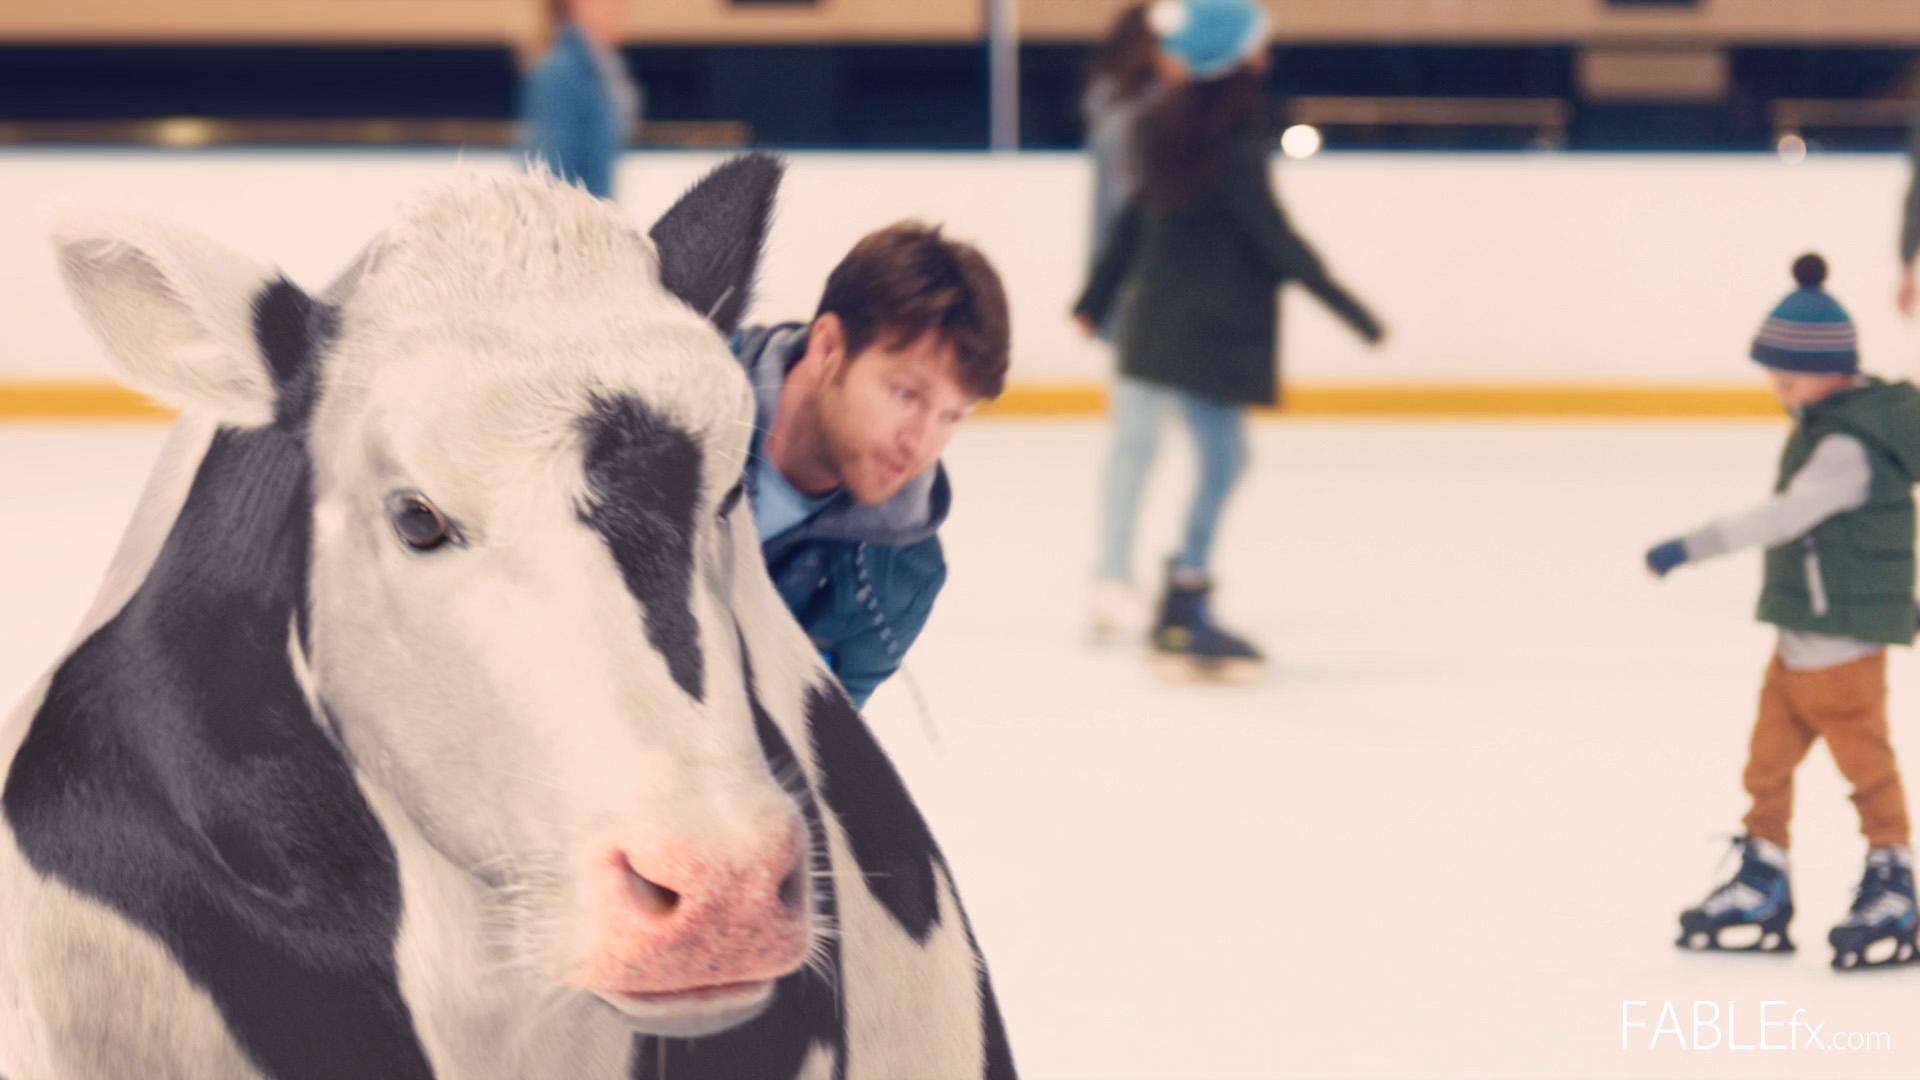 Kinder - Cow